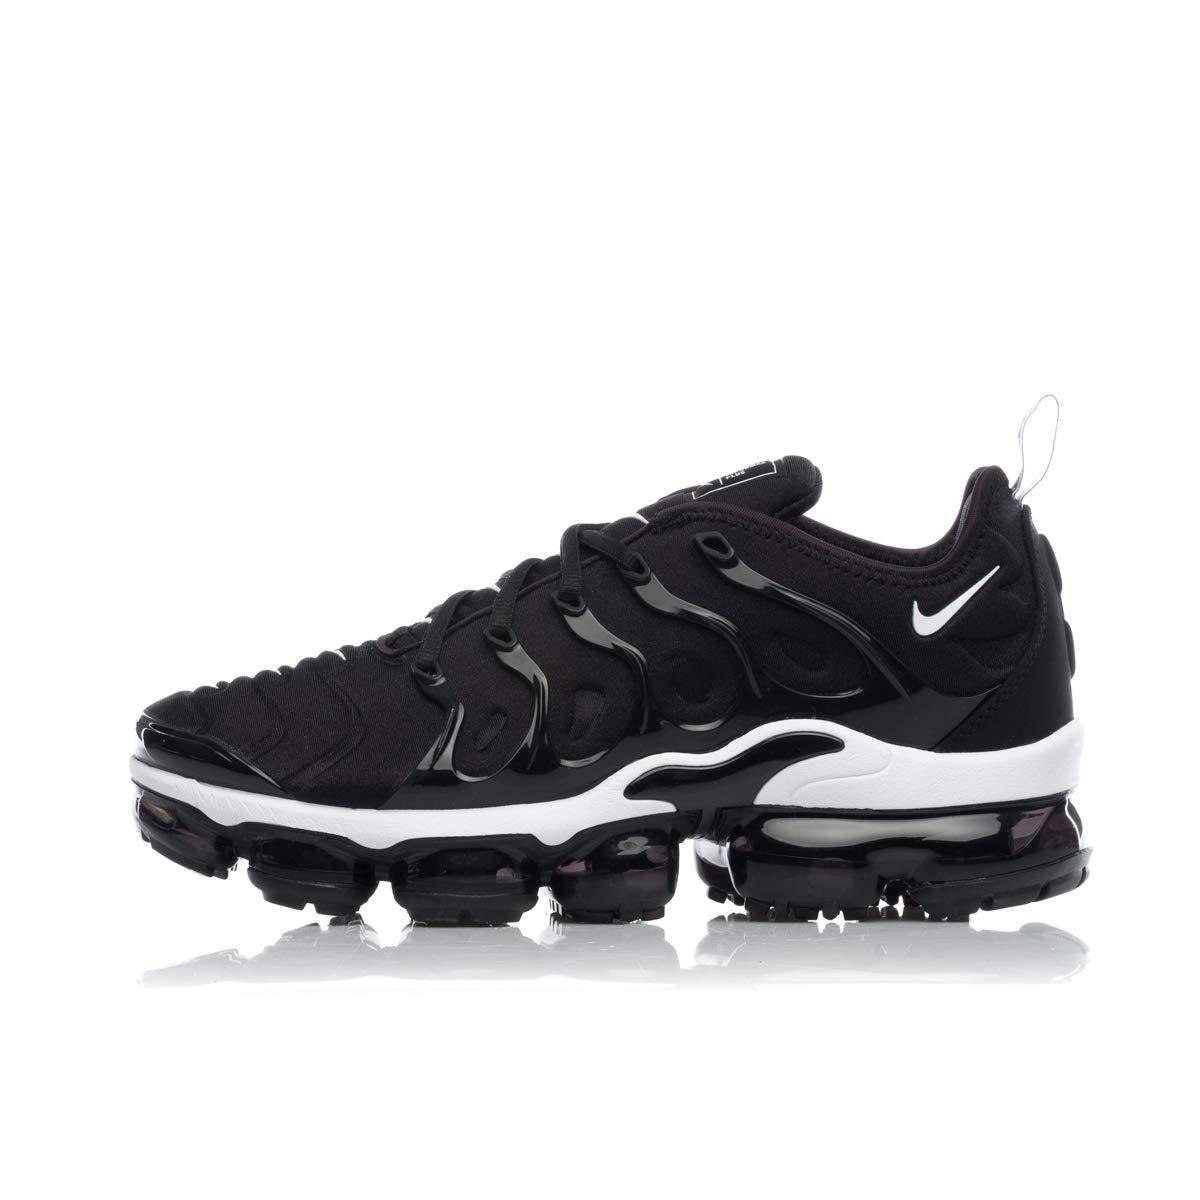 Noir (noir blanc 11) Nike Air Vapormax Plus, Chaussures de Fitness Homme 47 EU